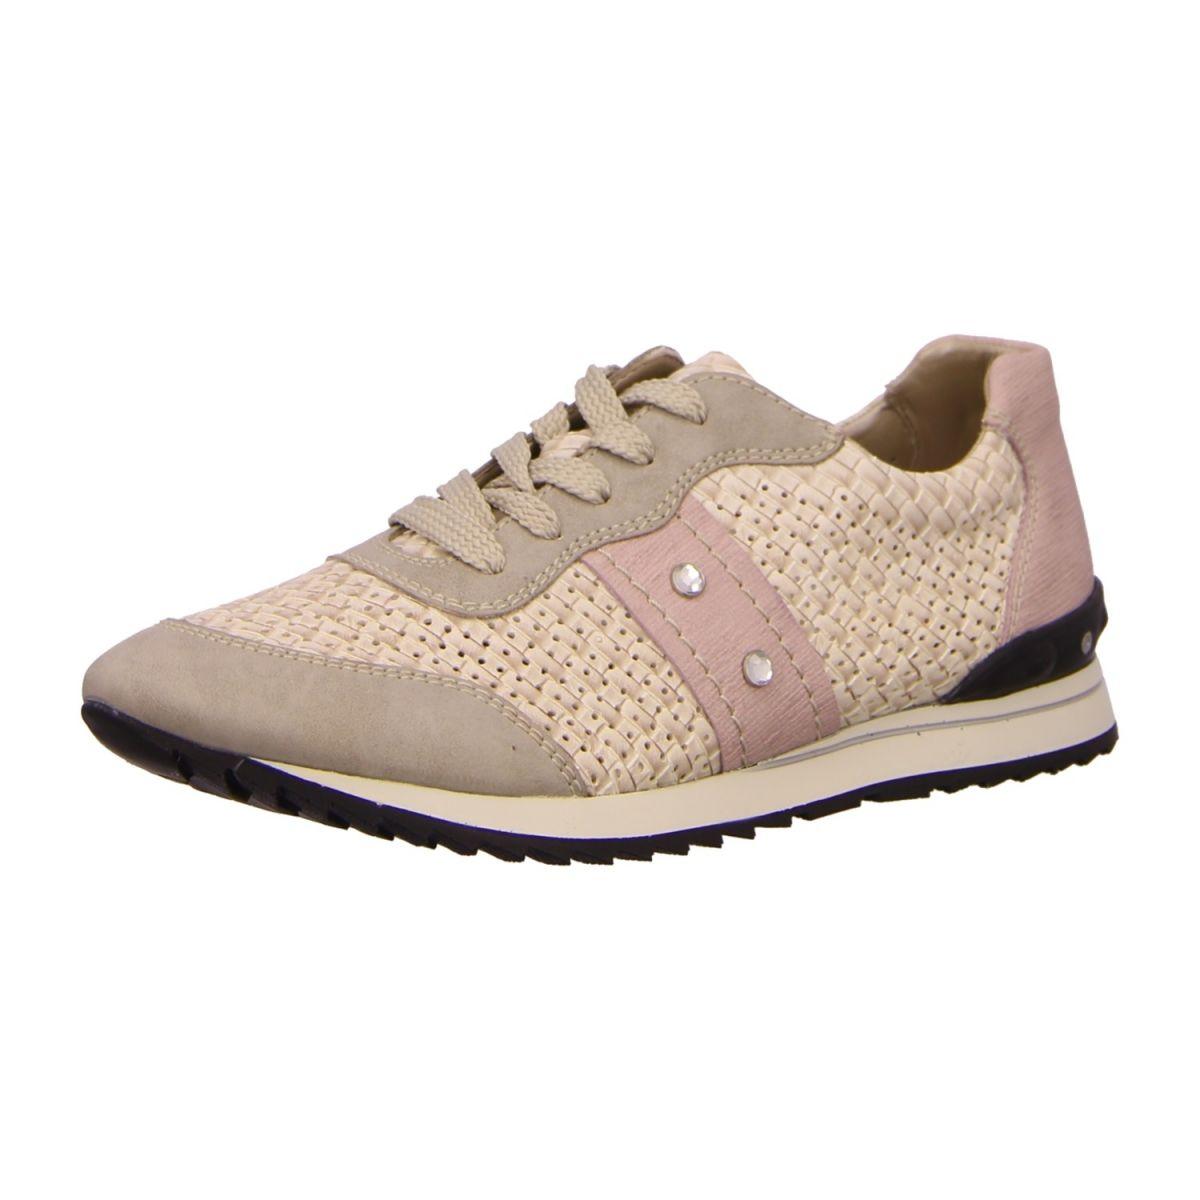 NEU: Rieker Sneaker 56825-40 - weiss kombi -